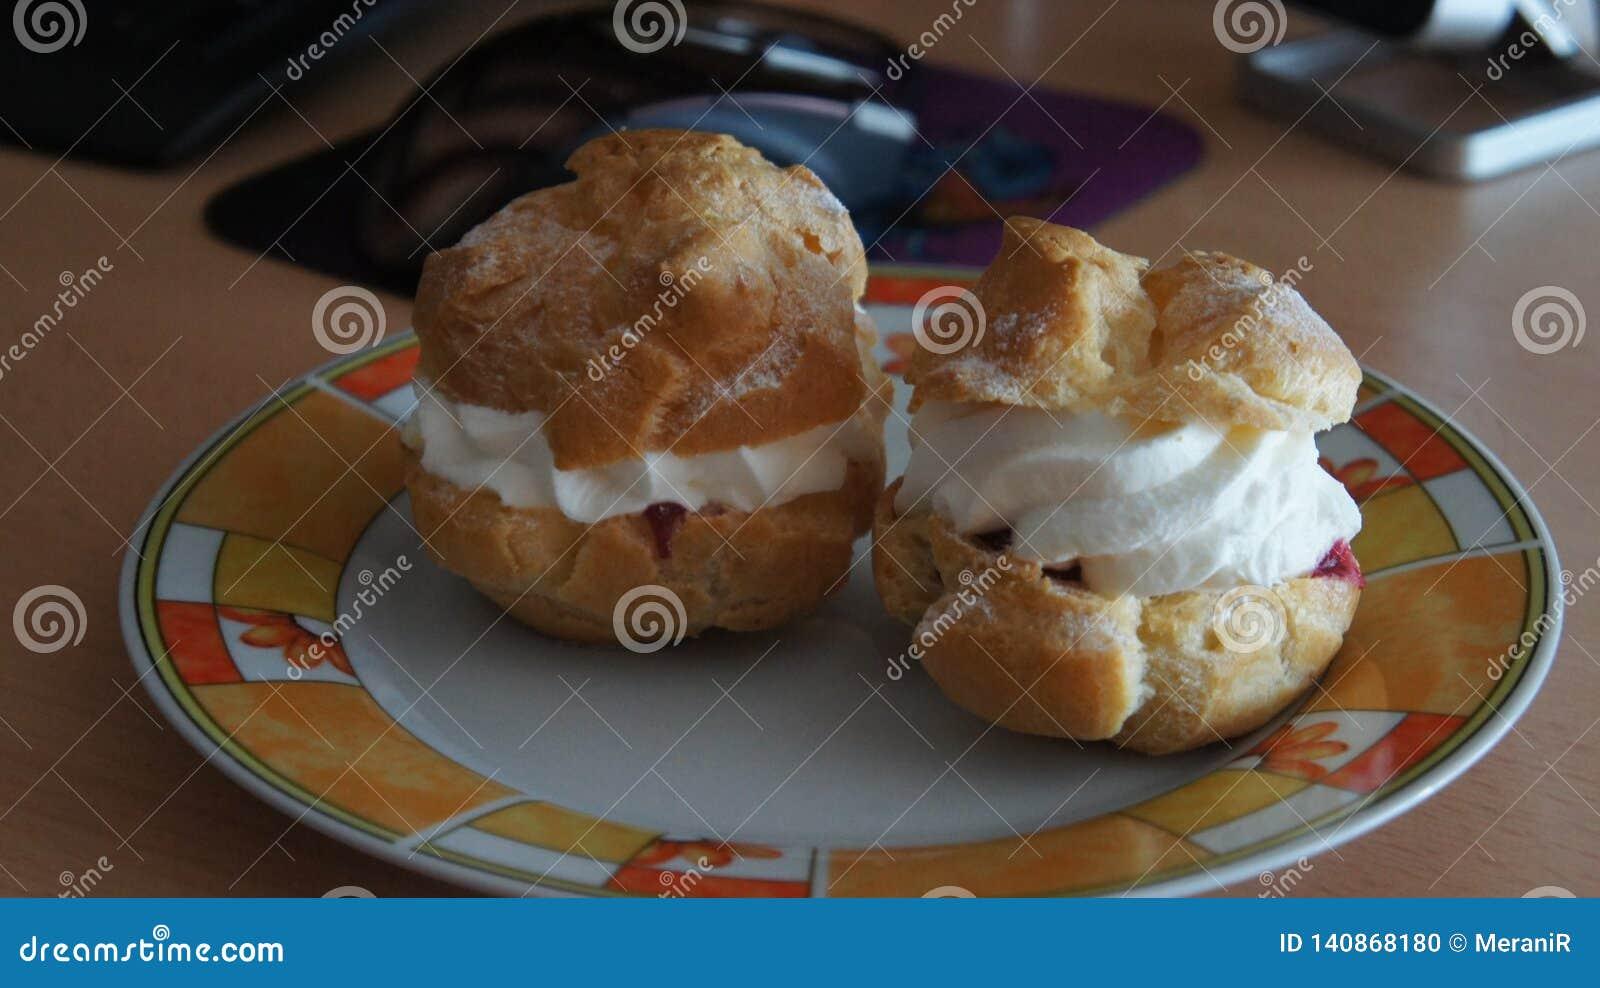 Soplos poner crema con las cerezas y el relleno poner crema dulce